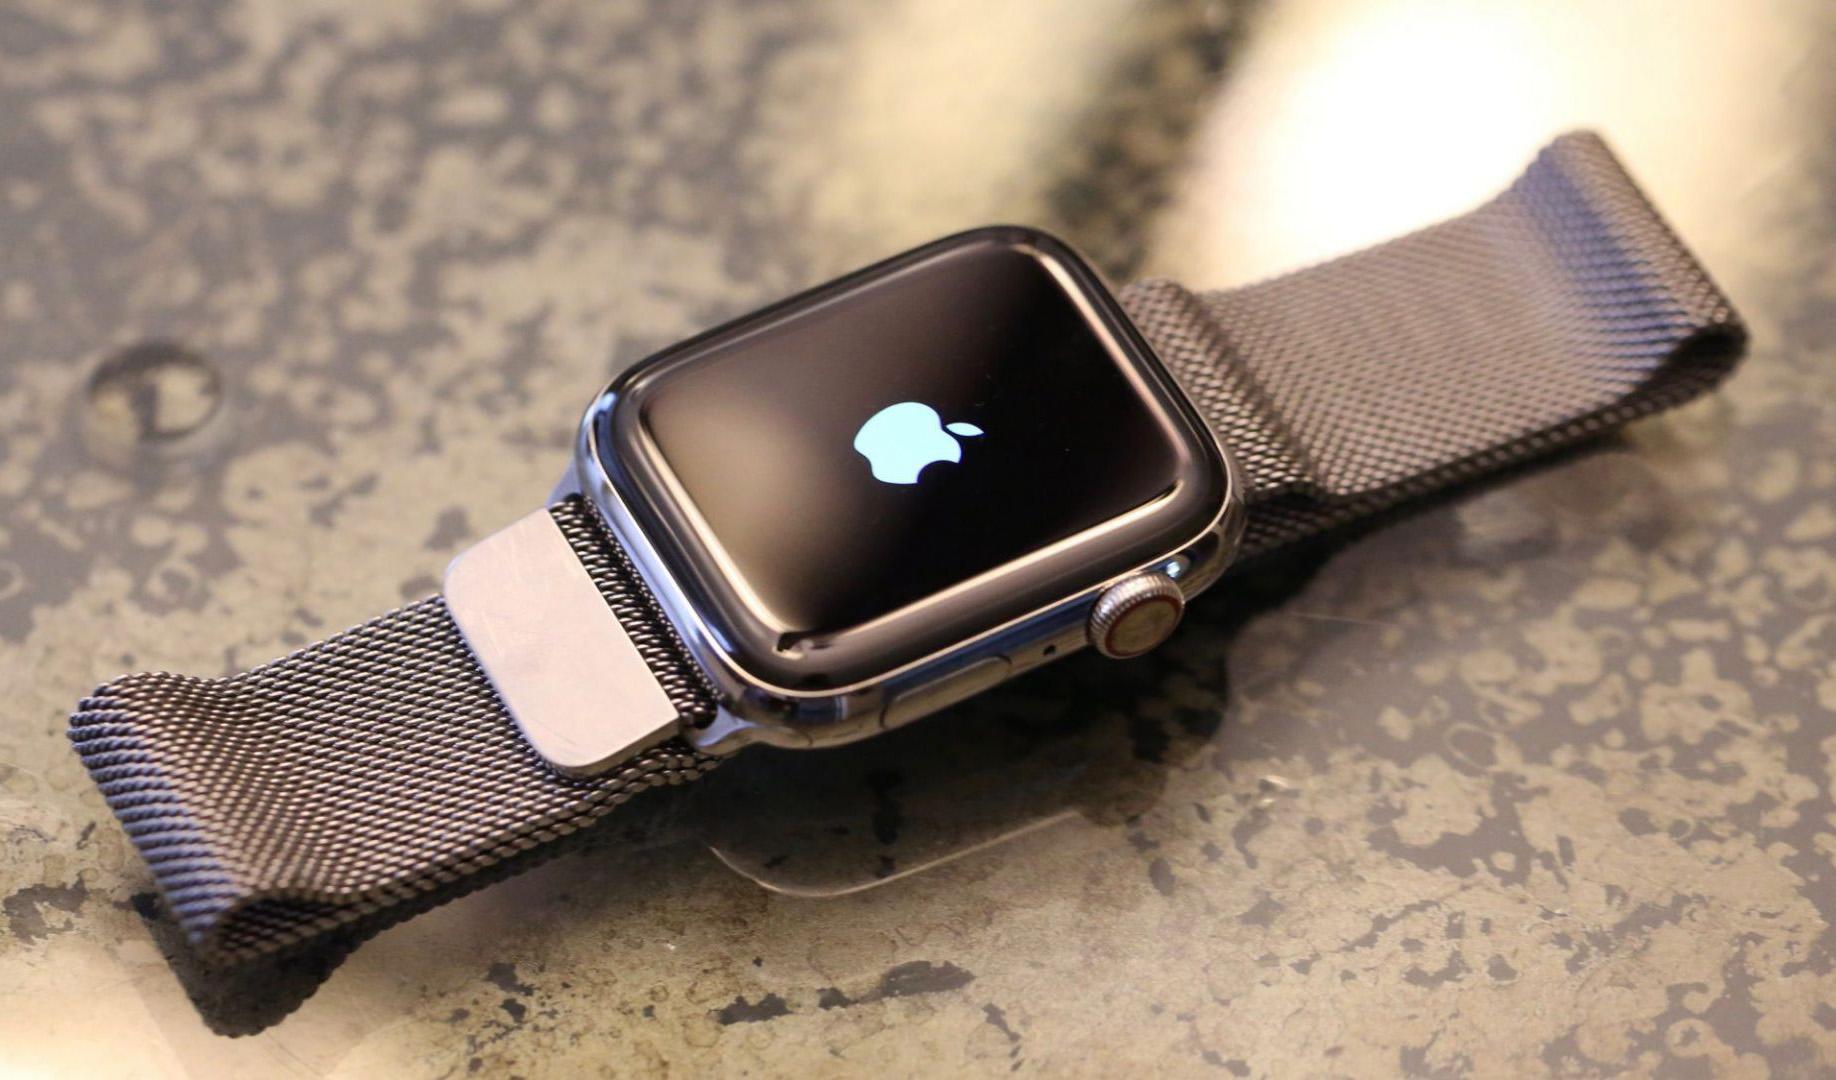 فروش اپل واچ از کل صنعت ساعتسازی سوئیس فراتر رفت